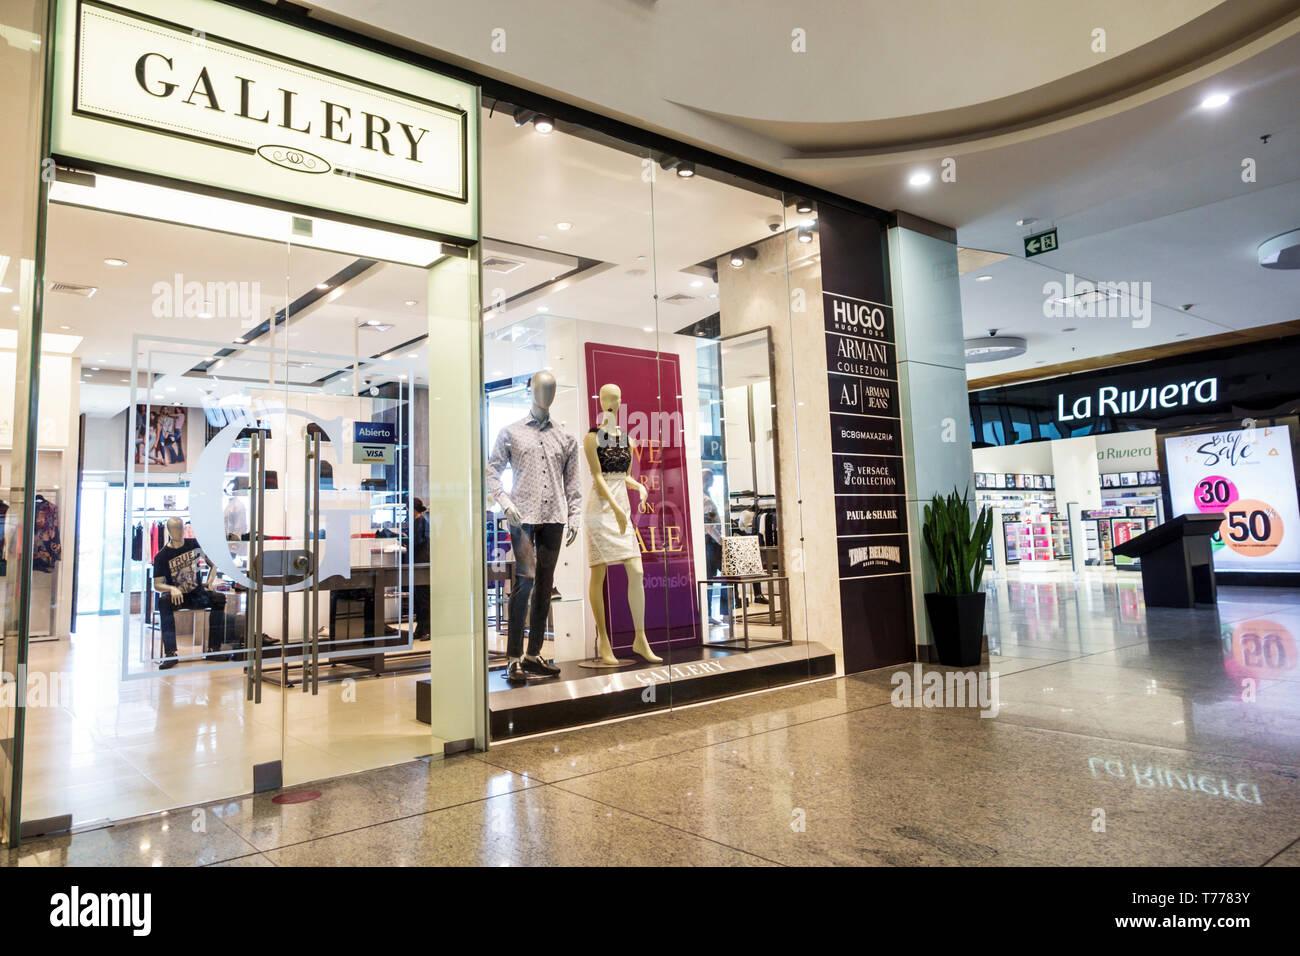 84d08389b9de Cartagena Colombia Bocagrande Square Mall Plaza signo exterior ...